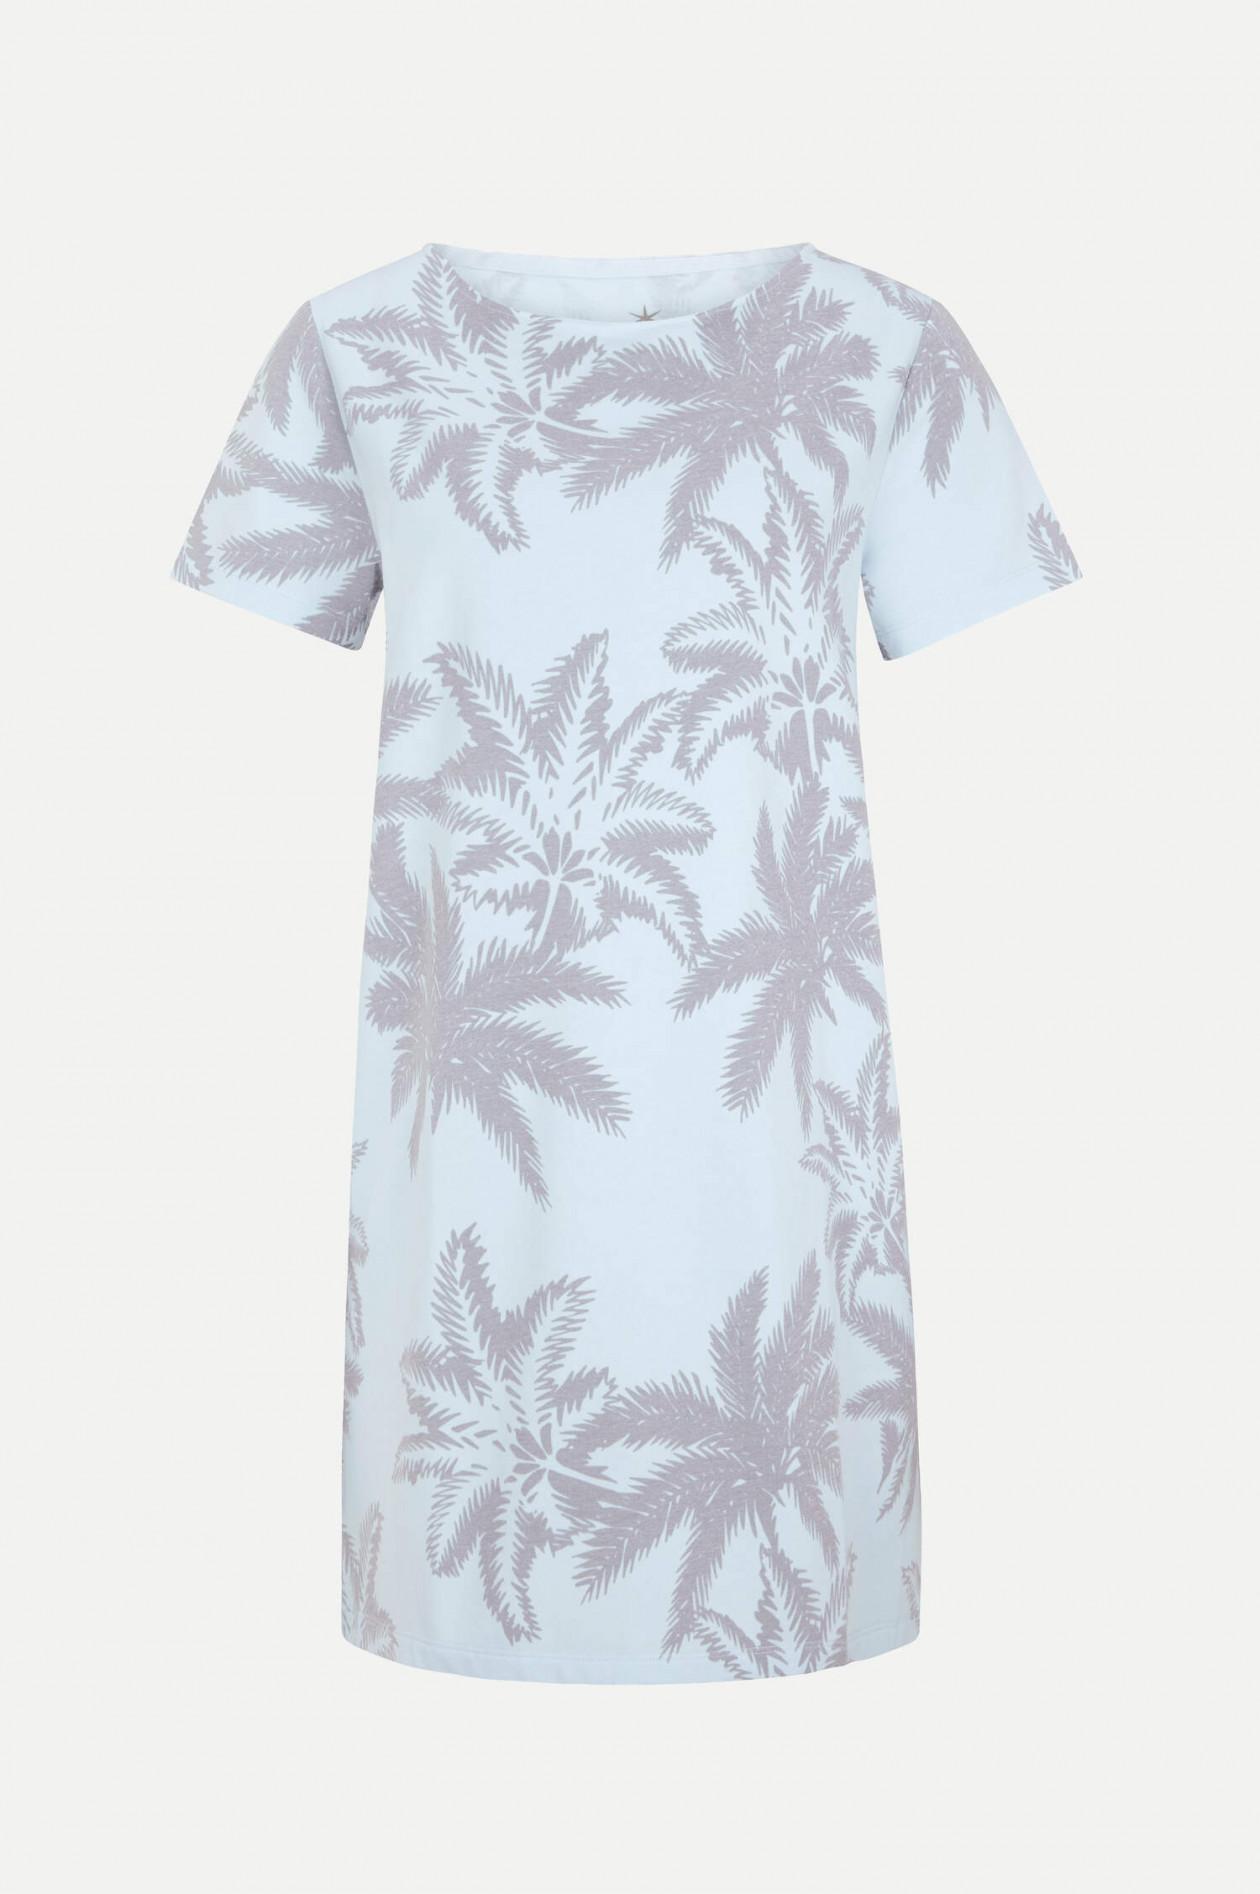 Jerseykleid mit Palmen Print in Hellblau